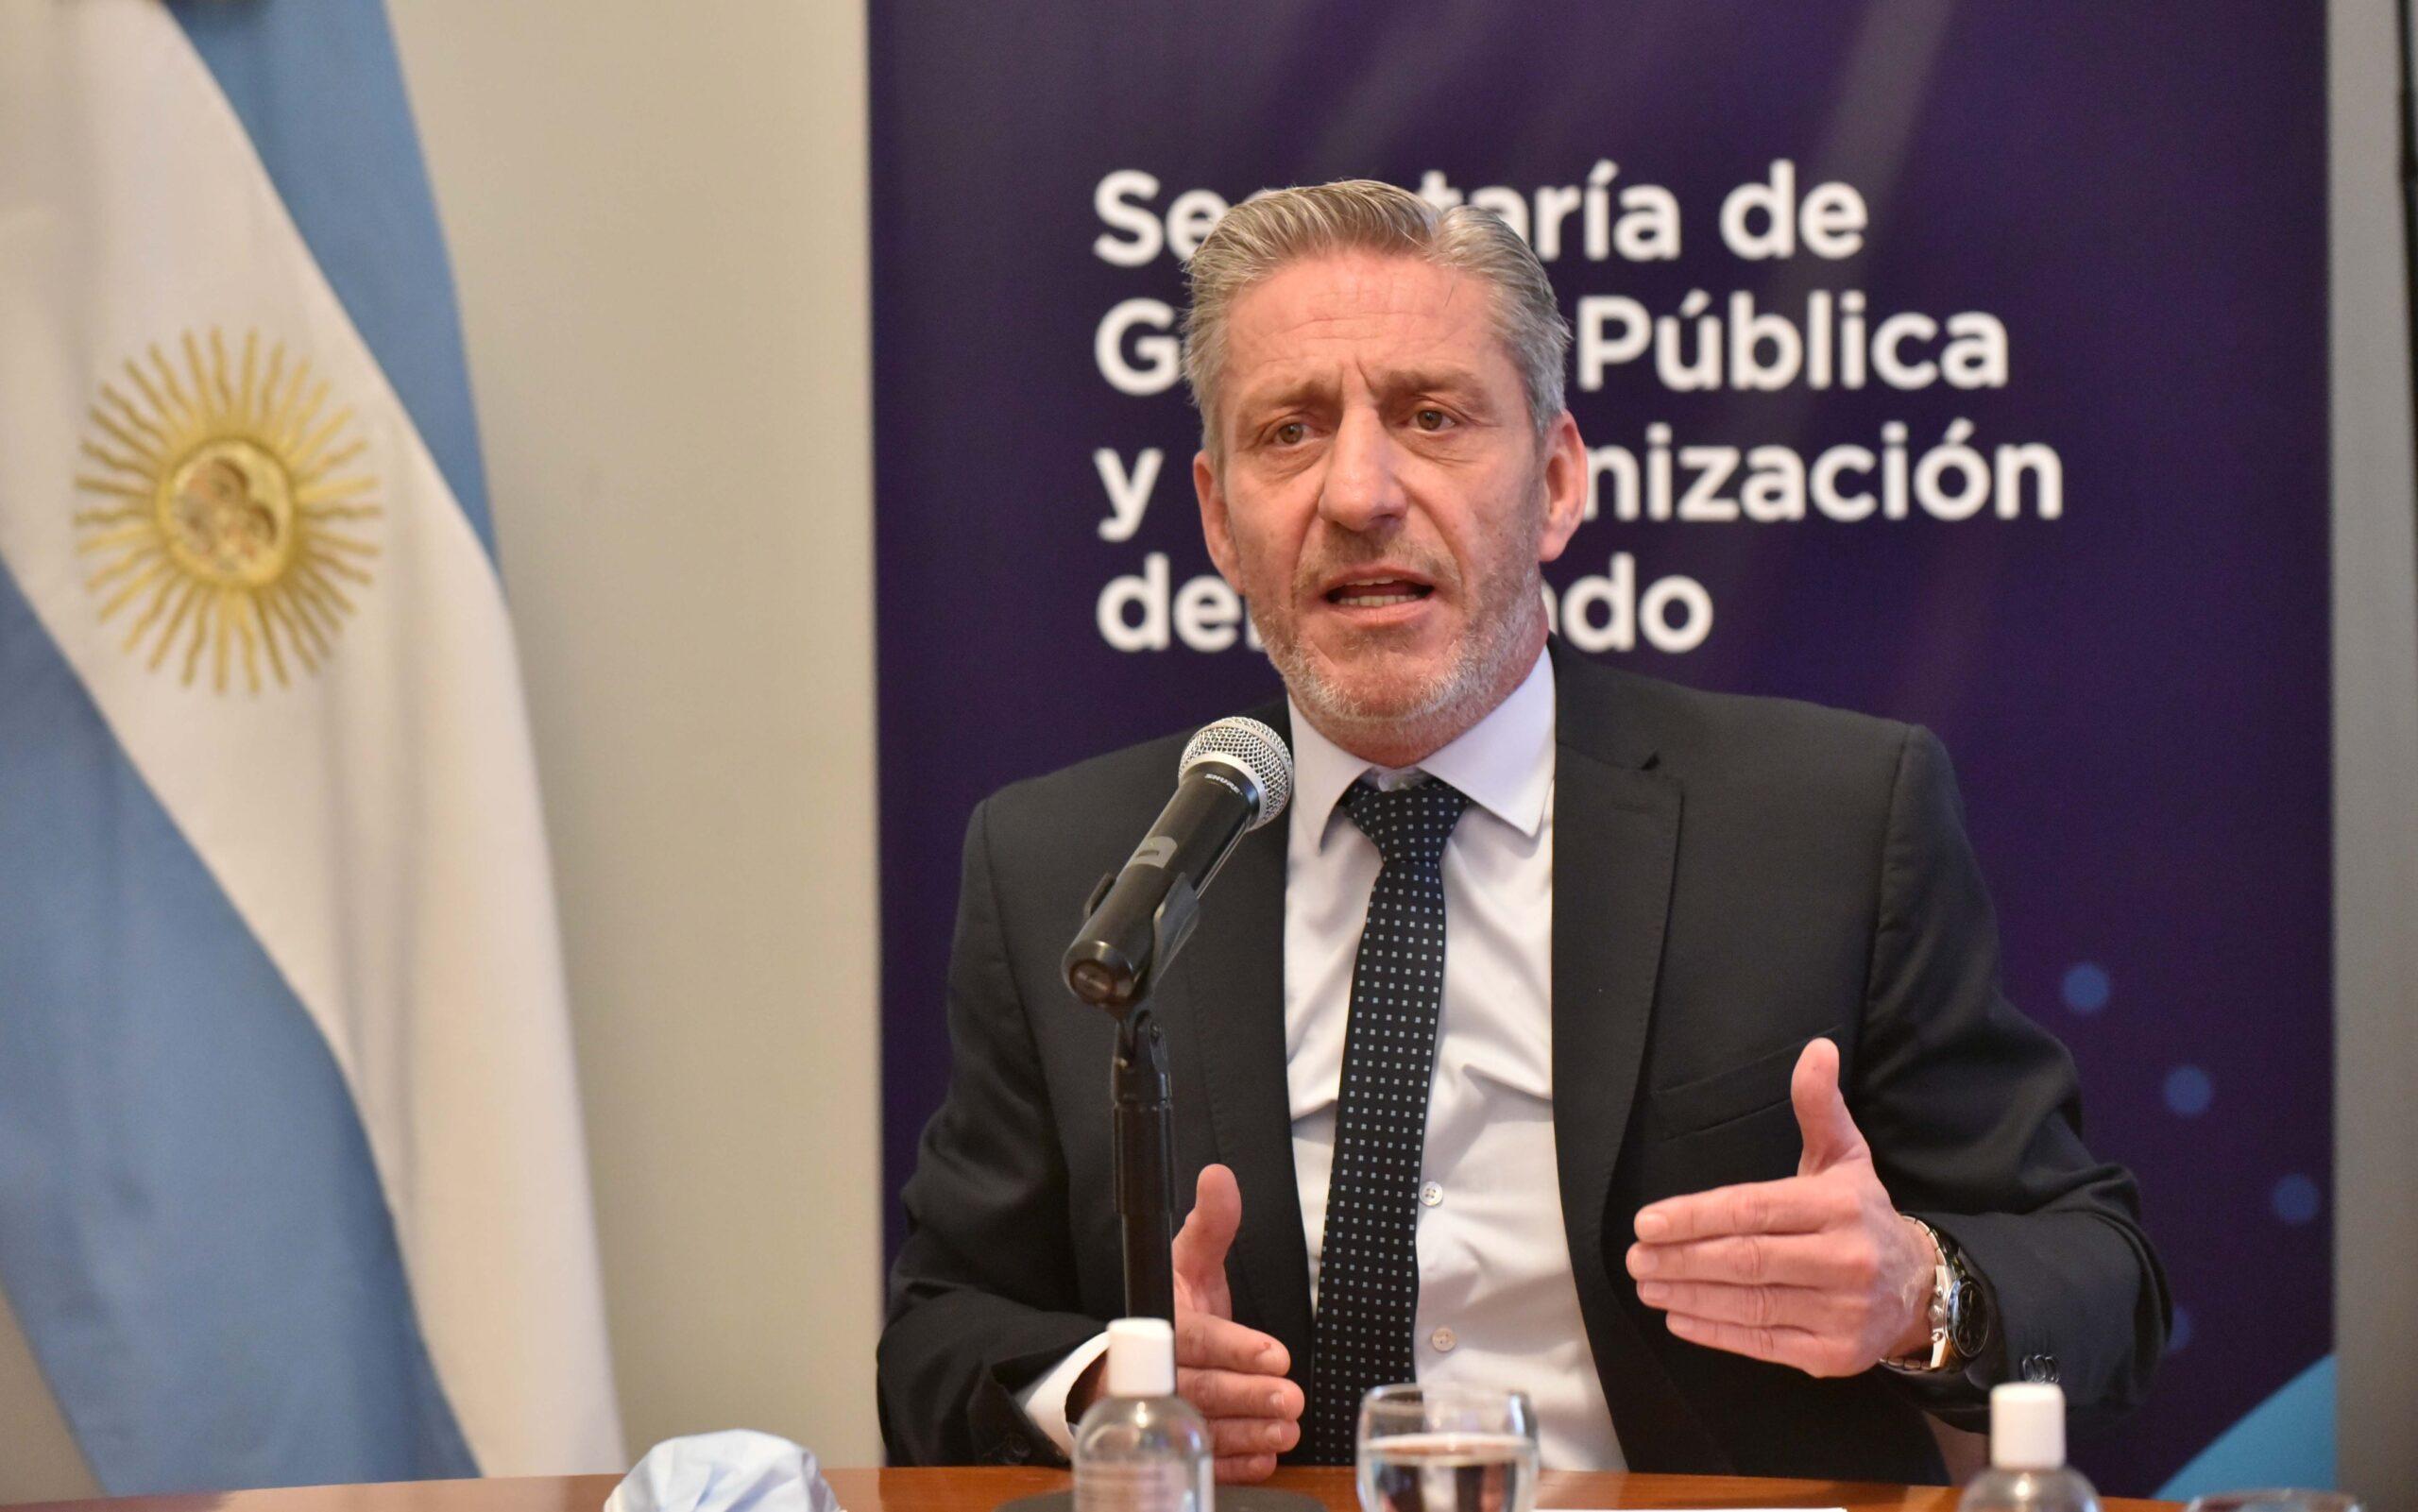 Arcioni 'refrescó' las memorias sobre la situación provincial asumida, y pidió «madurez política»